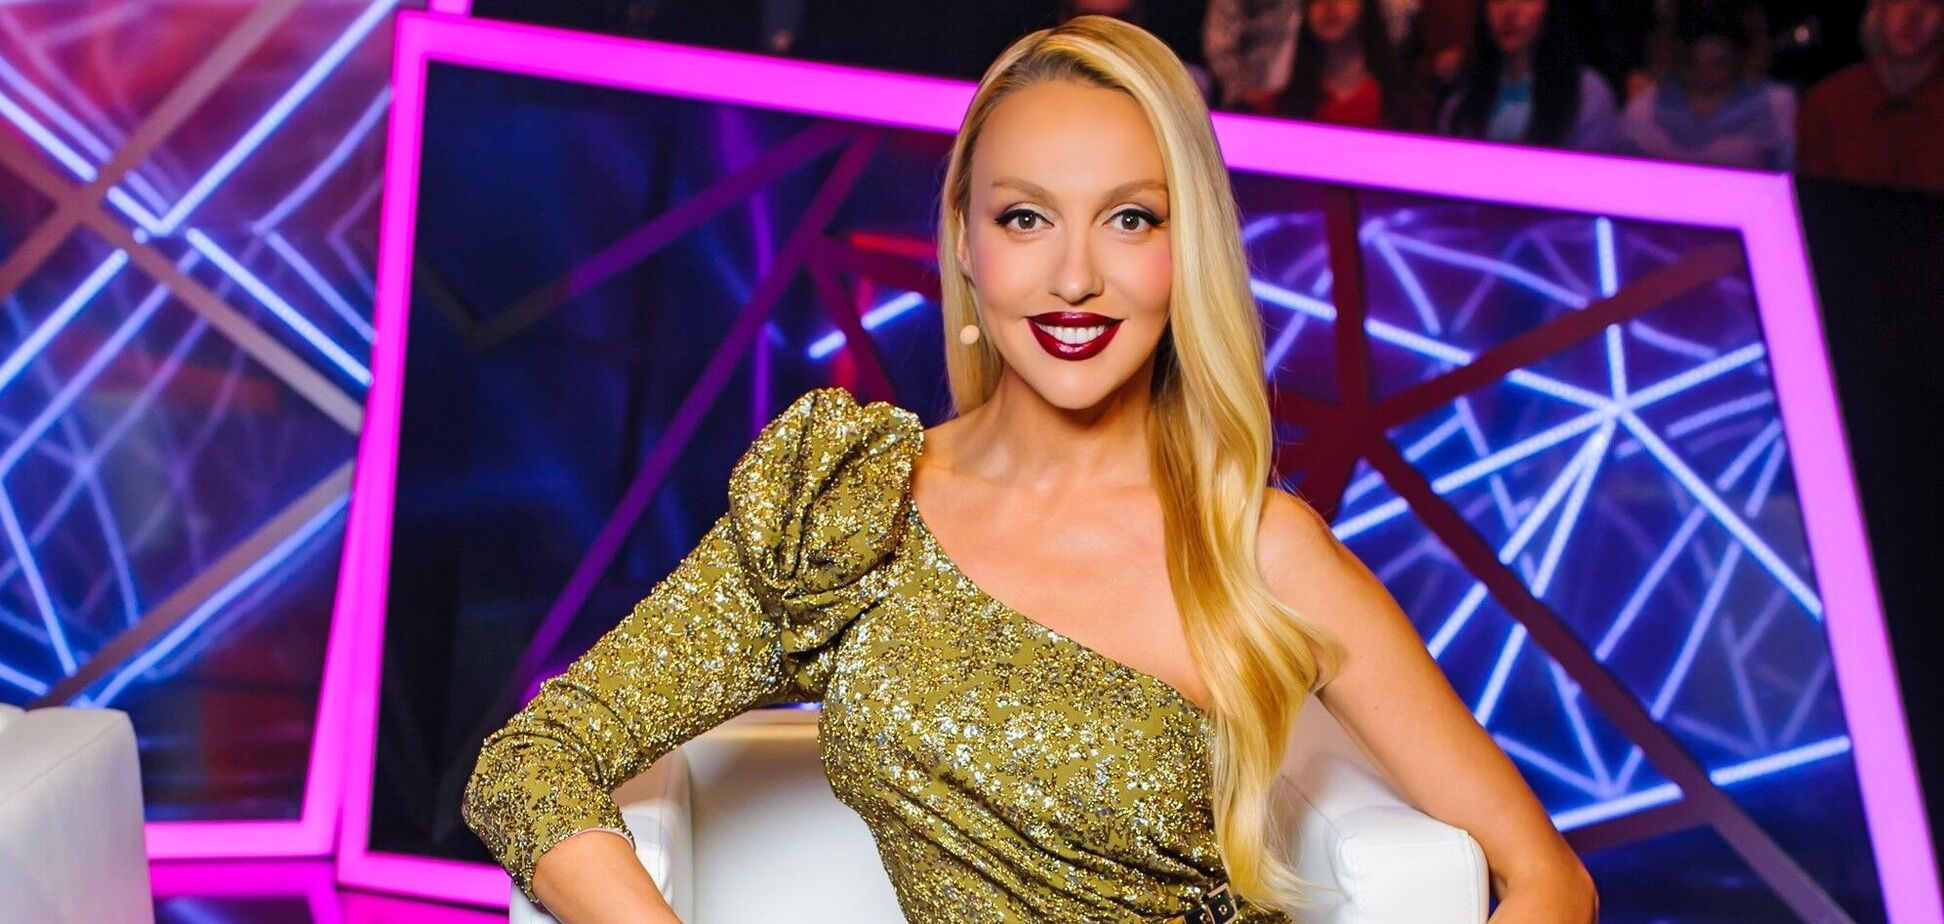 Полякова відверто розповіла про сексуальну агресію і пікантні пропозиції після концертів